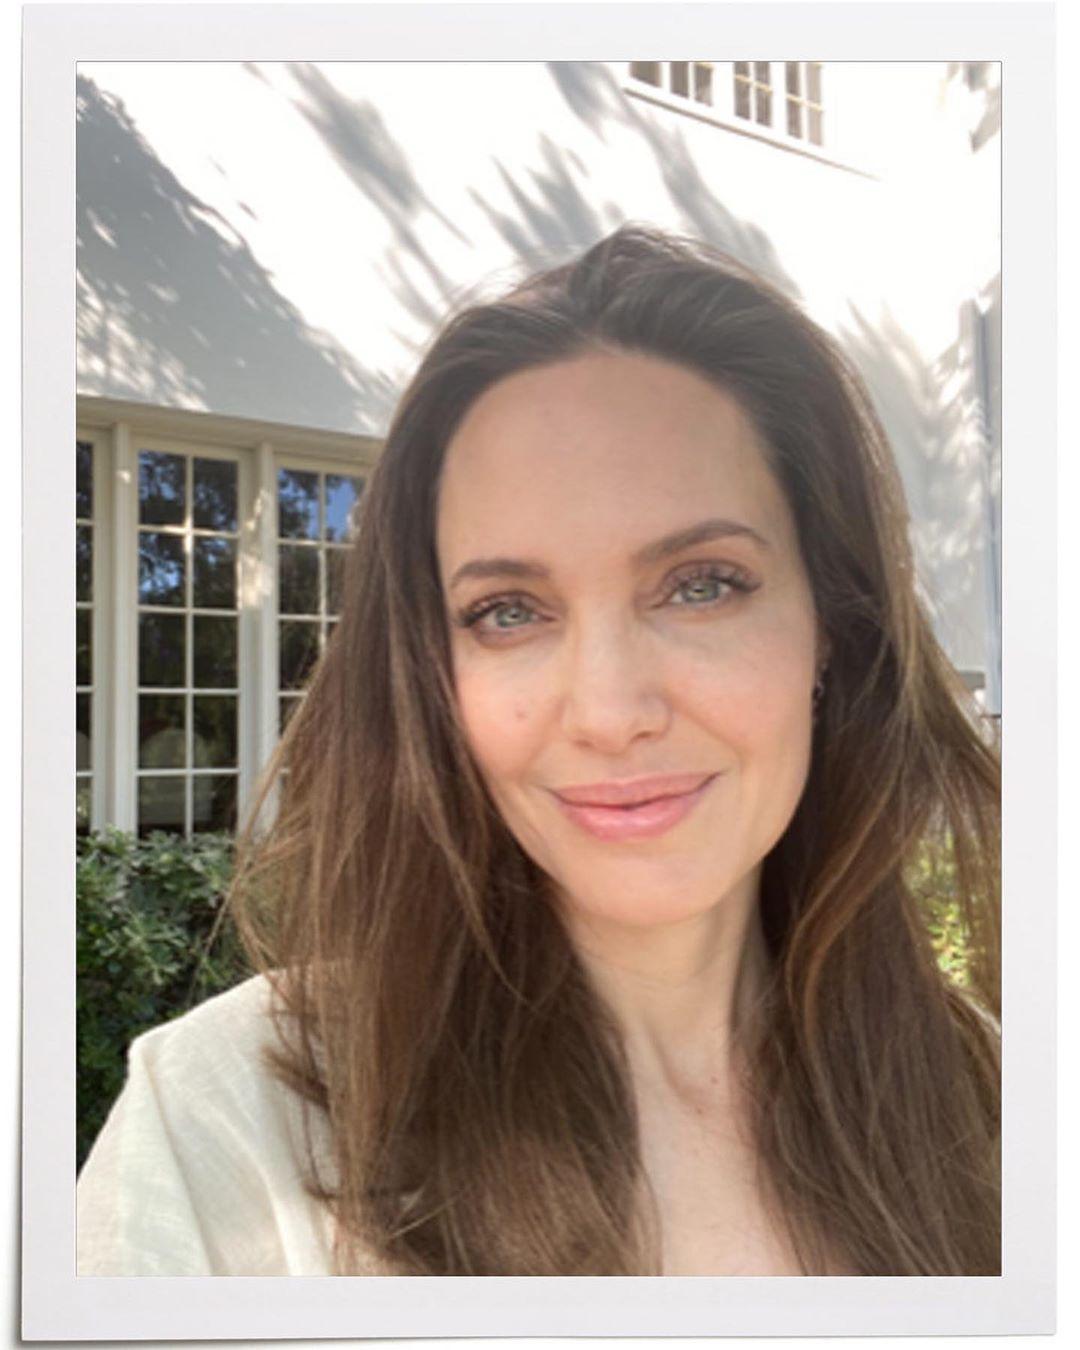 Не планирует сдаваться: Анджелина Джоли использовала новую тактику, чтобы получить опеку над детьми